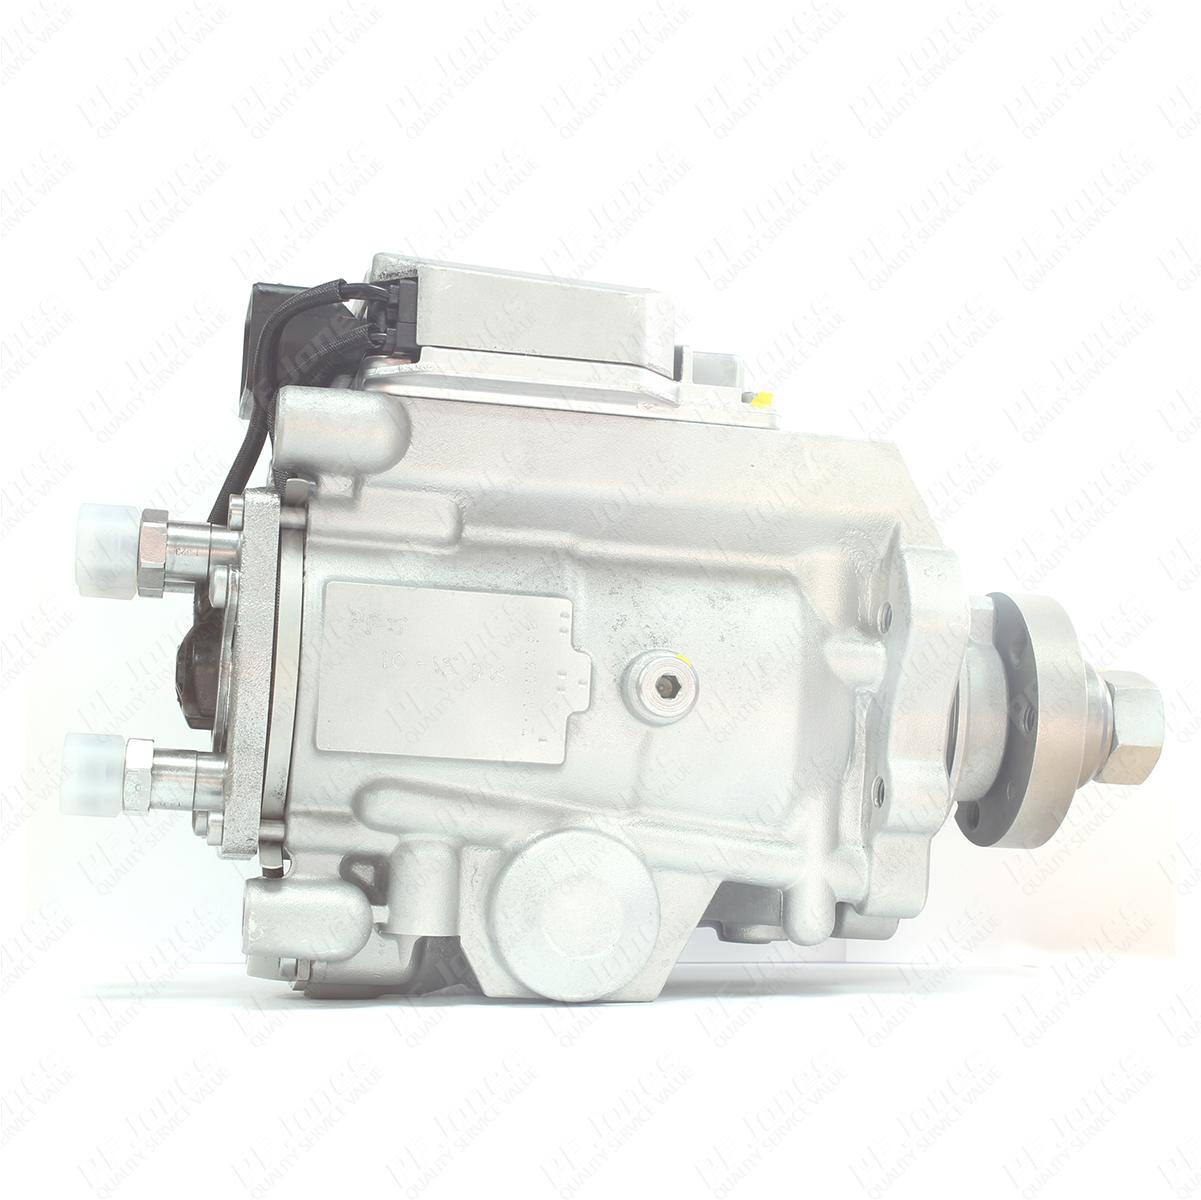 0470504015 - Bosch Diesel Pump